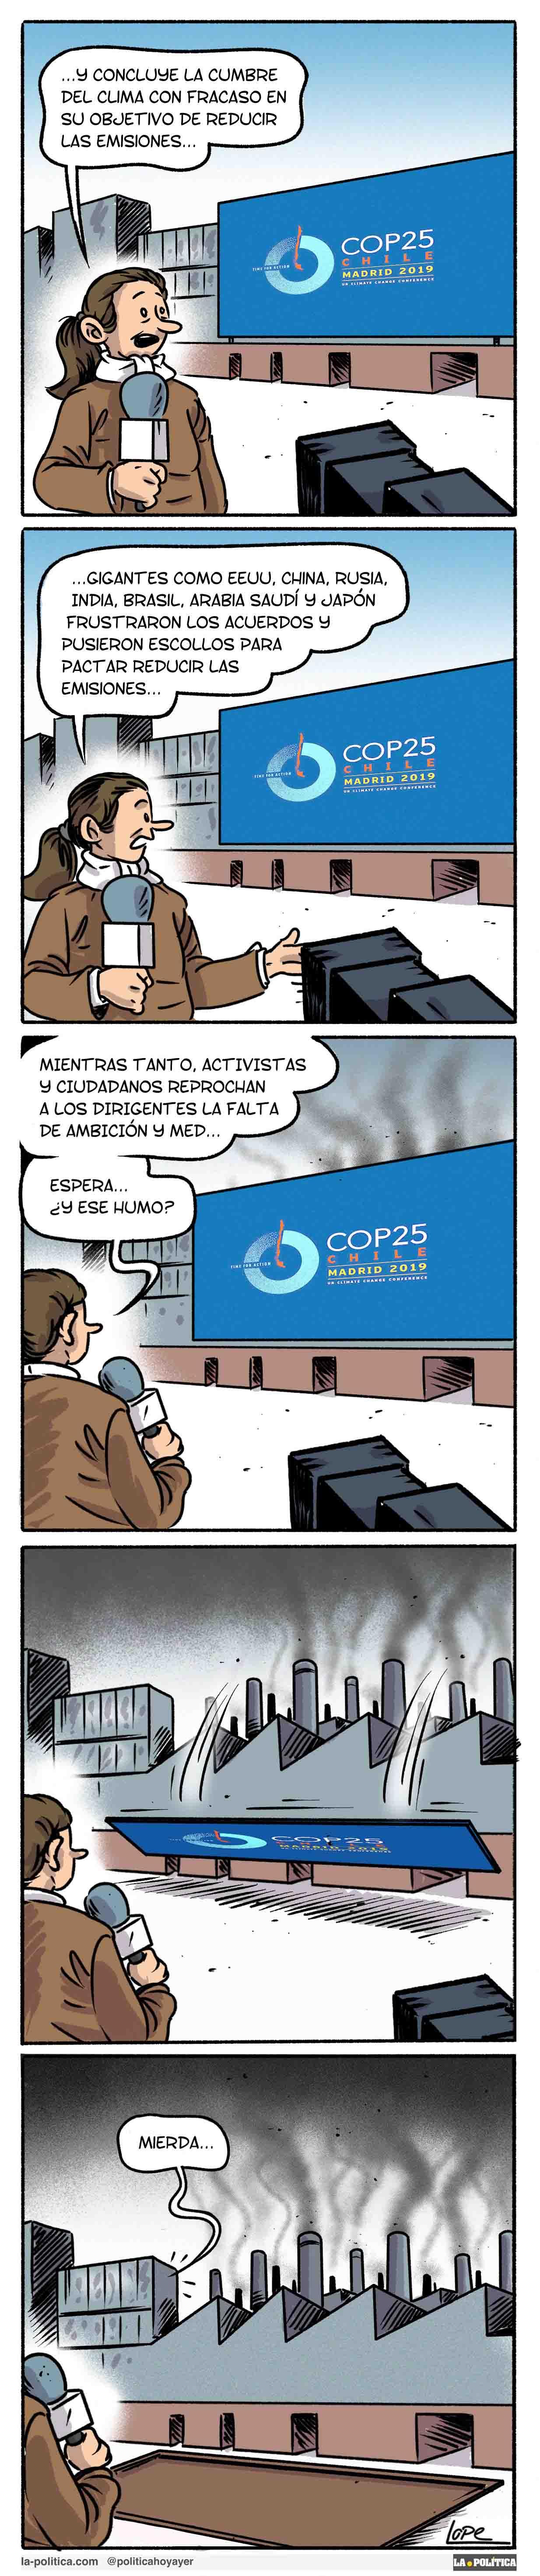 COP25 CHILE MADRID 2019 -...Y concluye la cumbre del clima con gracaso en su objetivo de reducir las emisiones...Gigantes como EEUU, China, Rusi, India, Brasil, Arabia Saudí y Japón frustraron los acuerdos y pusieron escollos para pactar reducir las emisiones...Mientras tanto, activistas y ciudadanos reprochan a los dirigentes la falta de ambición y med...Espera...¿Y ese humo? Mierda... (Tira de Lope)